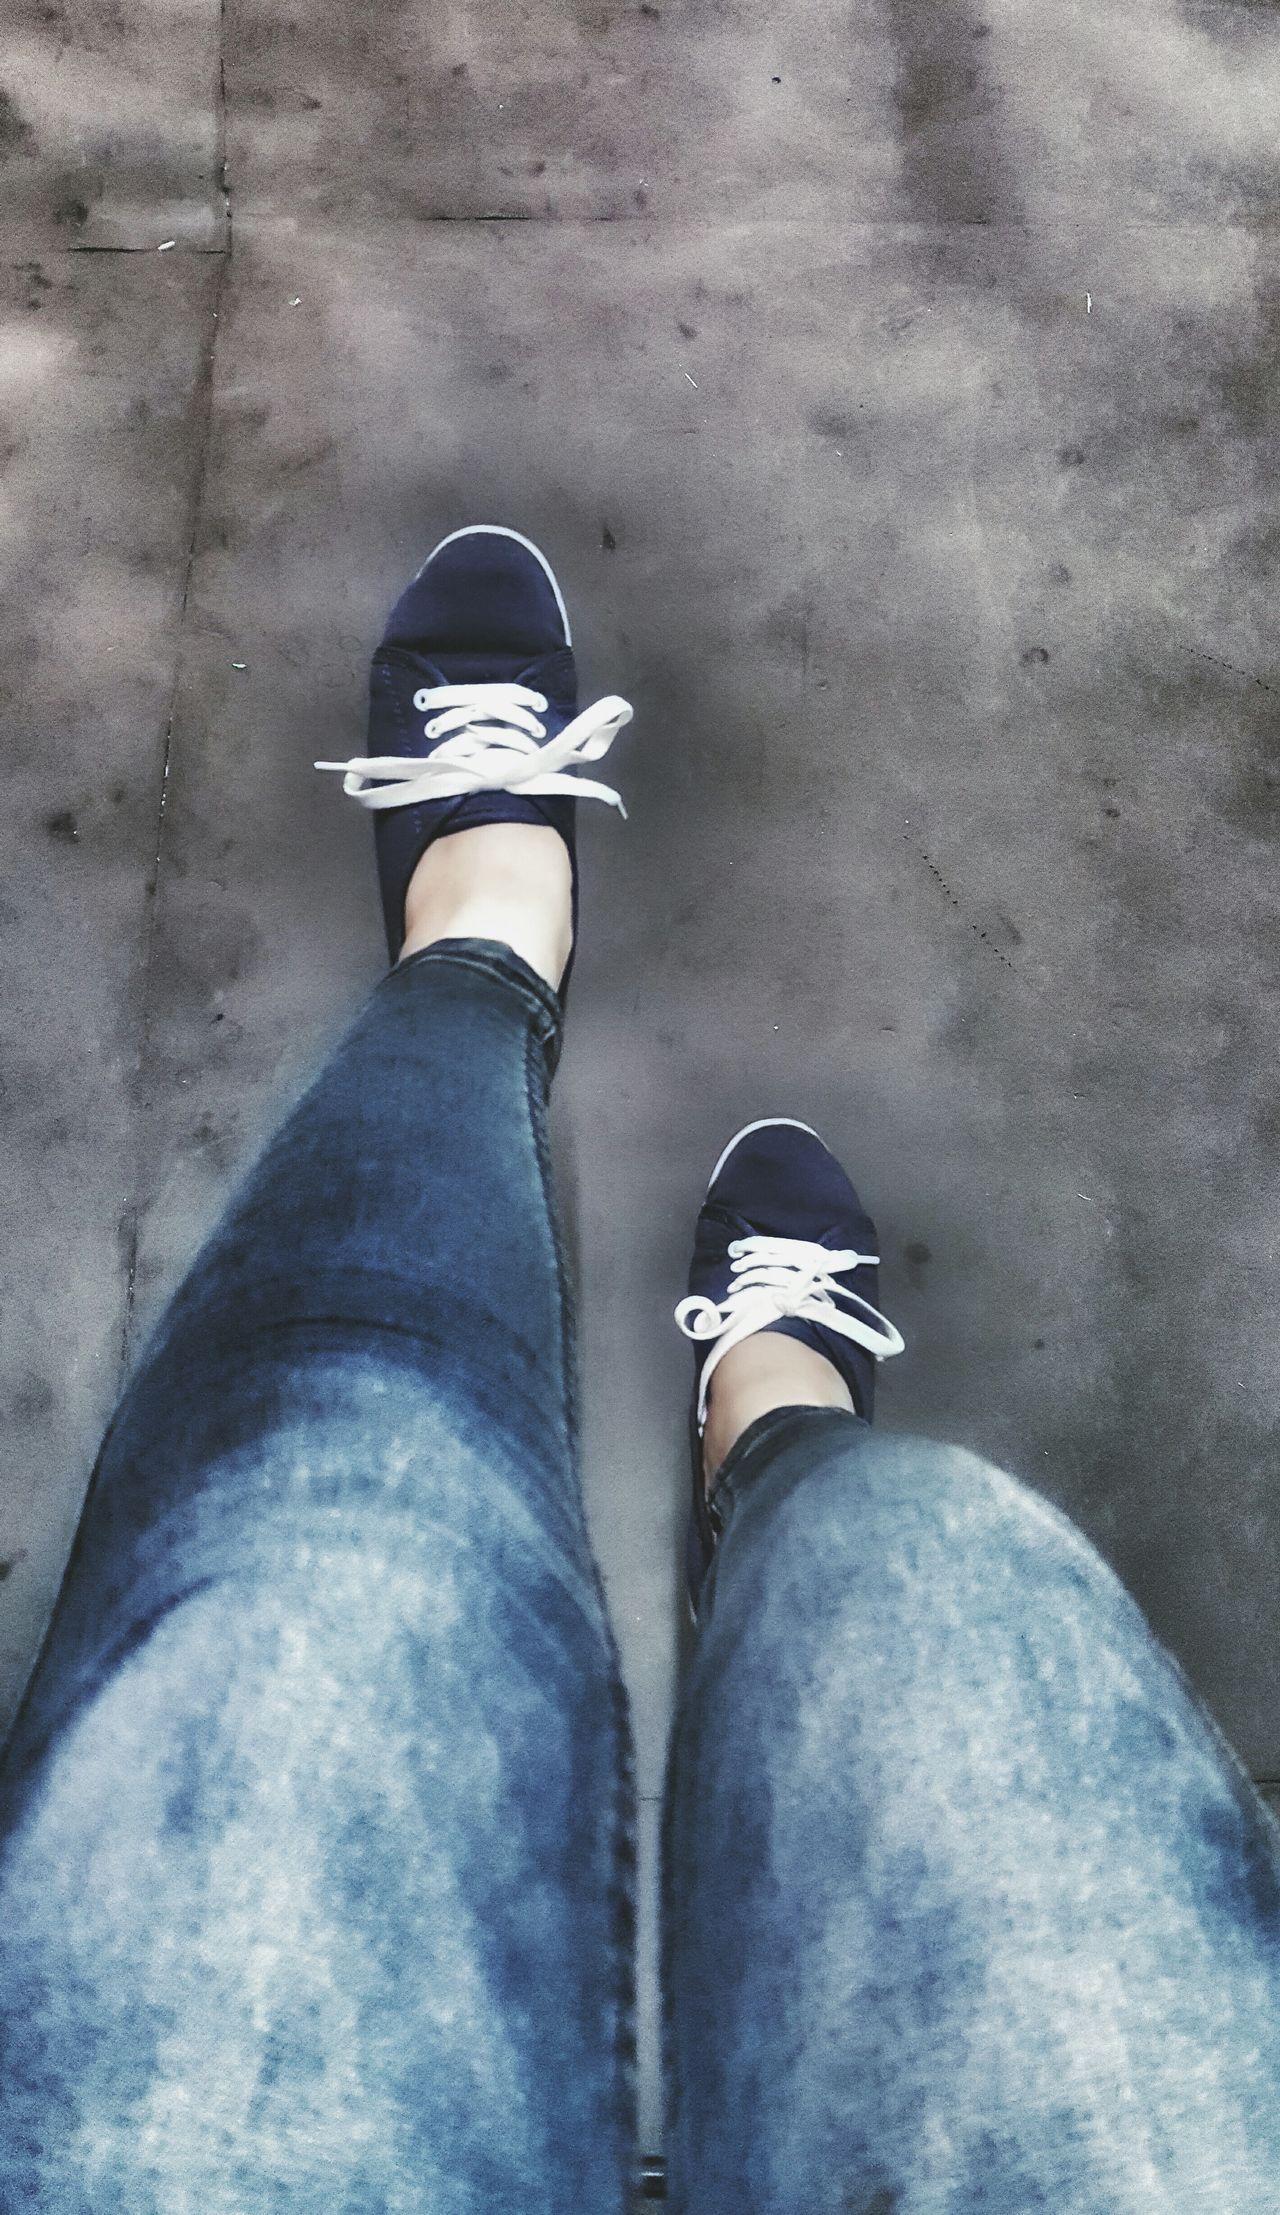 Selfeet 😂 Selfies Feet Foot Shoes Rubbershoes Jeans